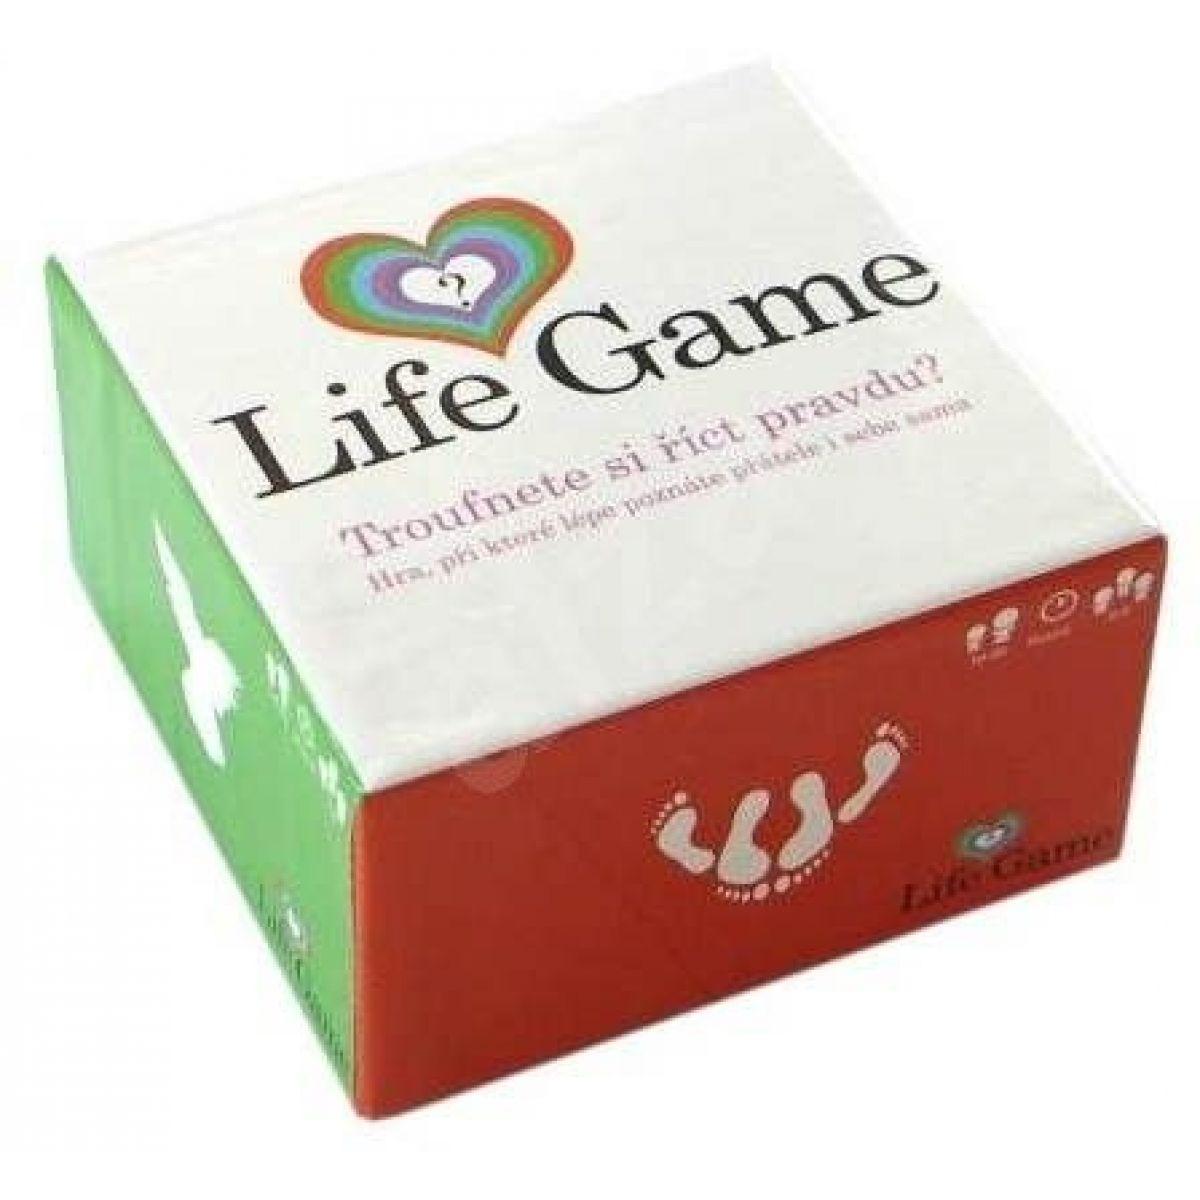 REXhry Lifegame